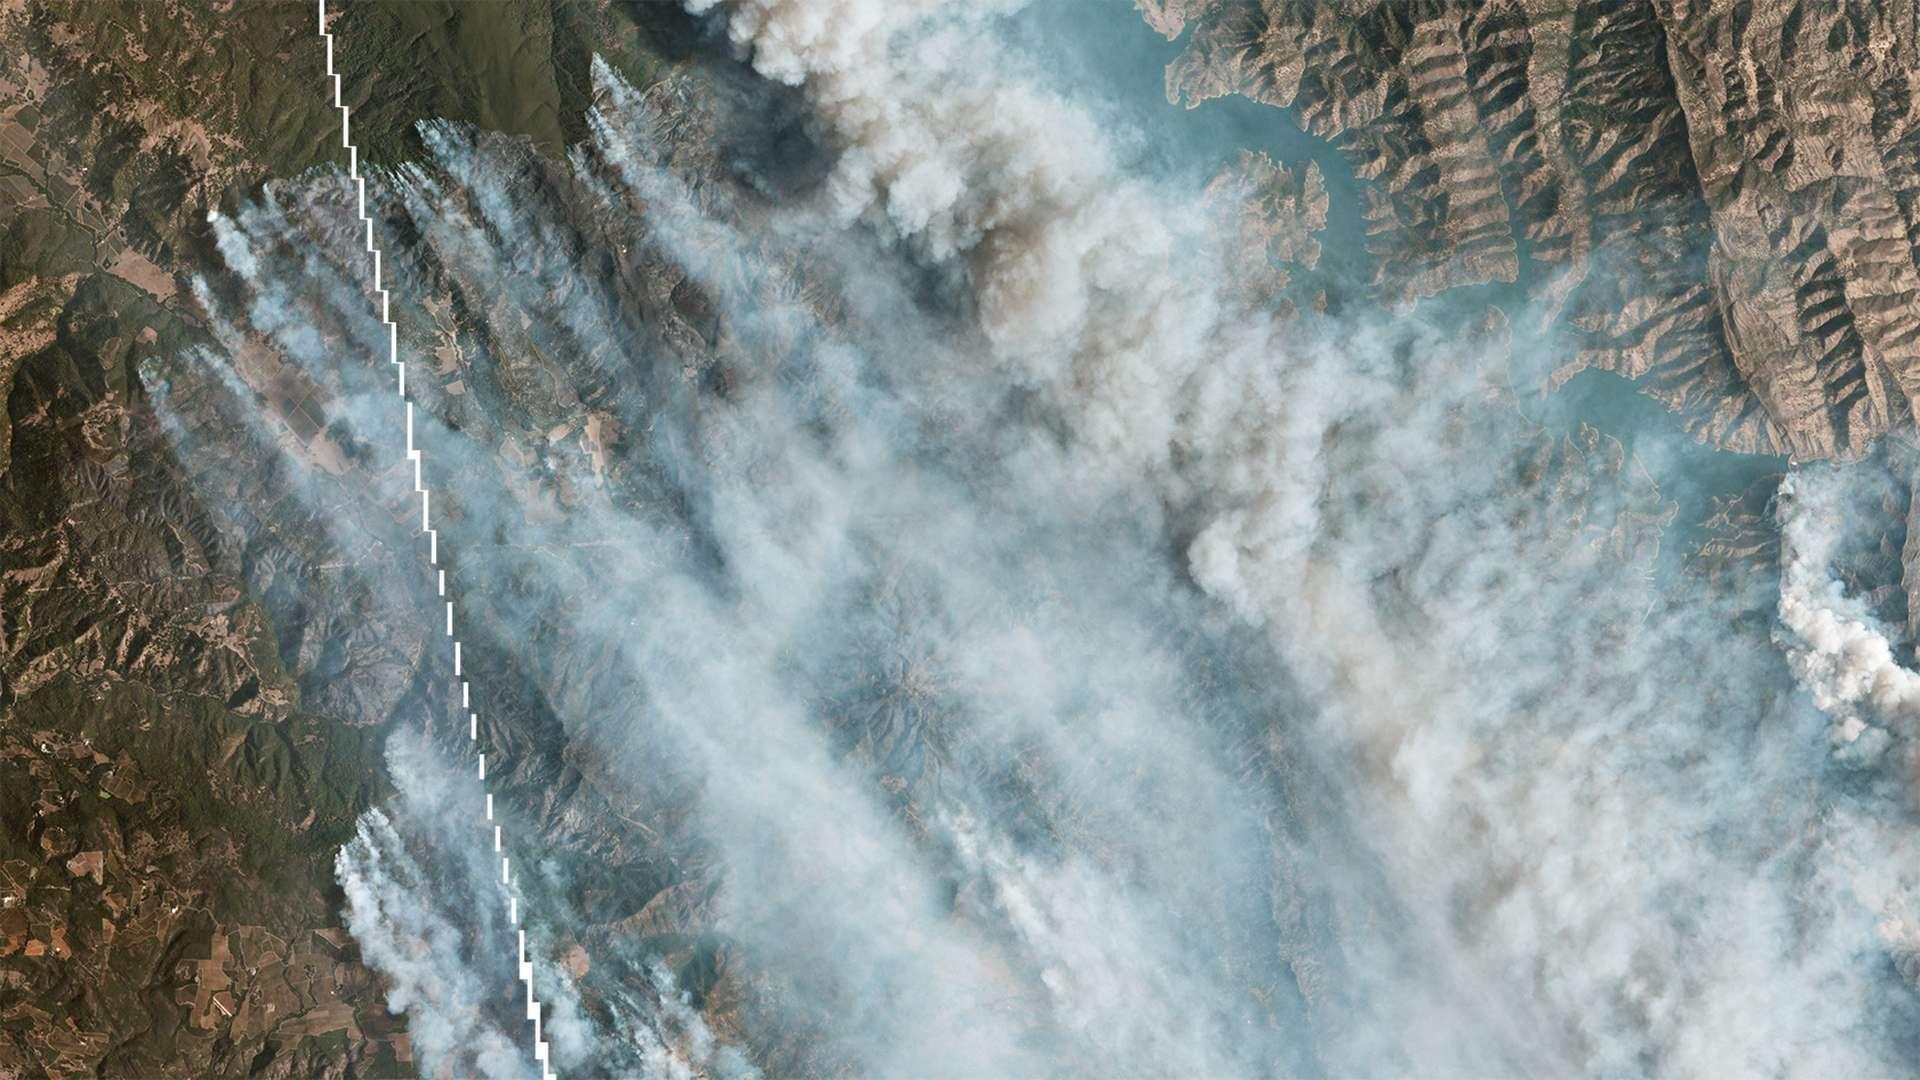 LNU Lightning Complex Fire désigne une série d'incendies touchant le nord de San Francisco dans la région de Sonoma-Lake-Napa. © 2020 Planet Labs, Inc.